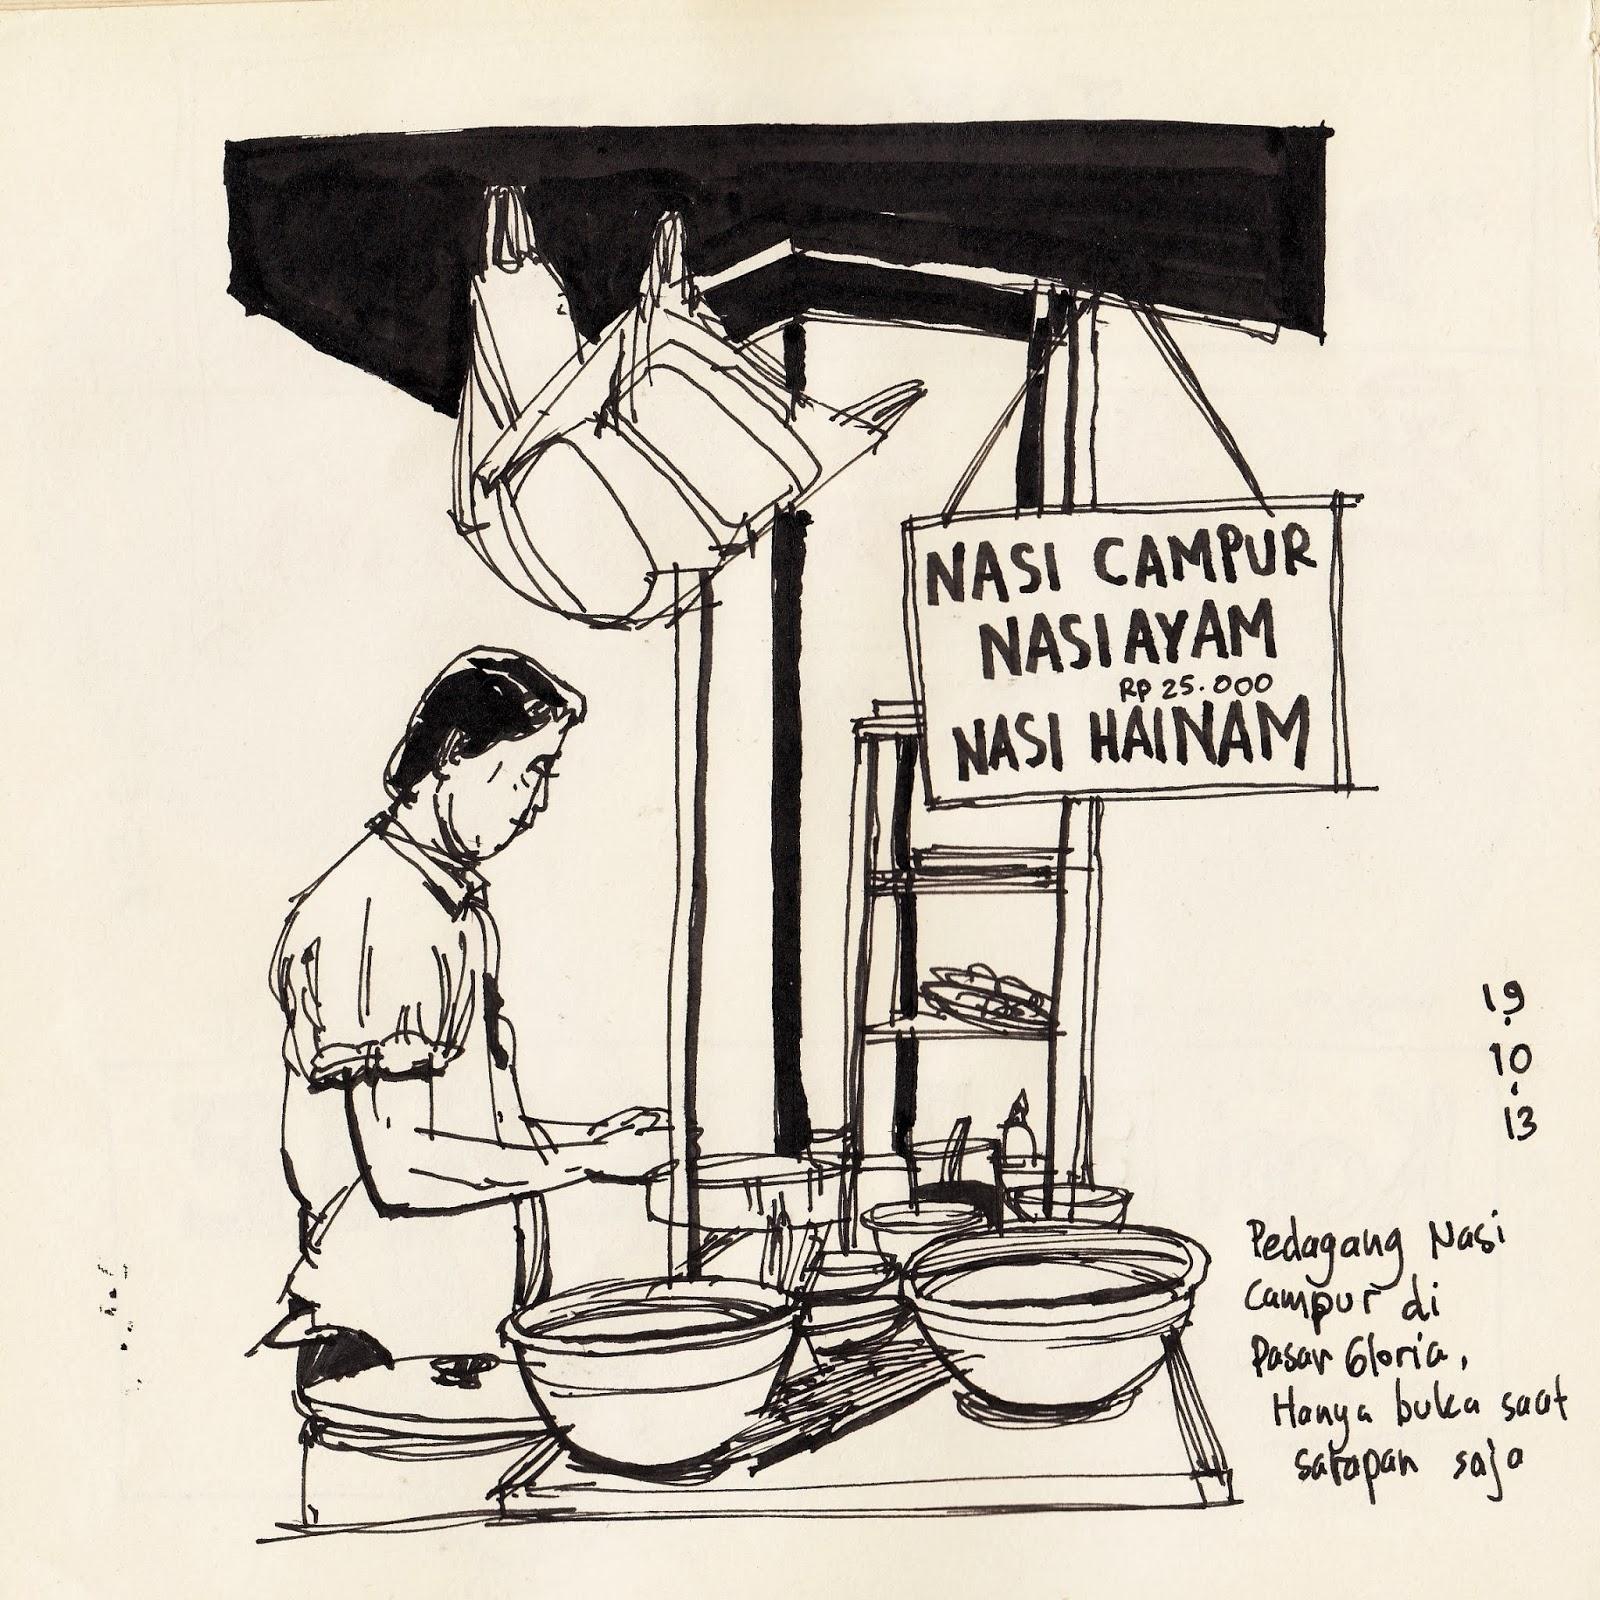 Gambar Ilustrasi Pasar Yg Mudah